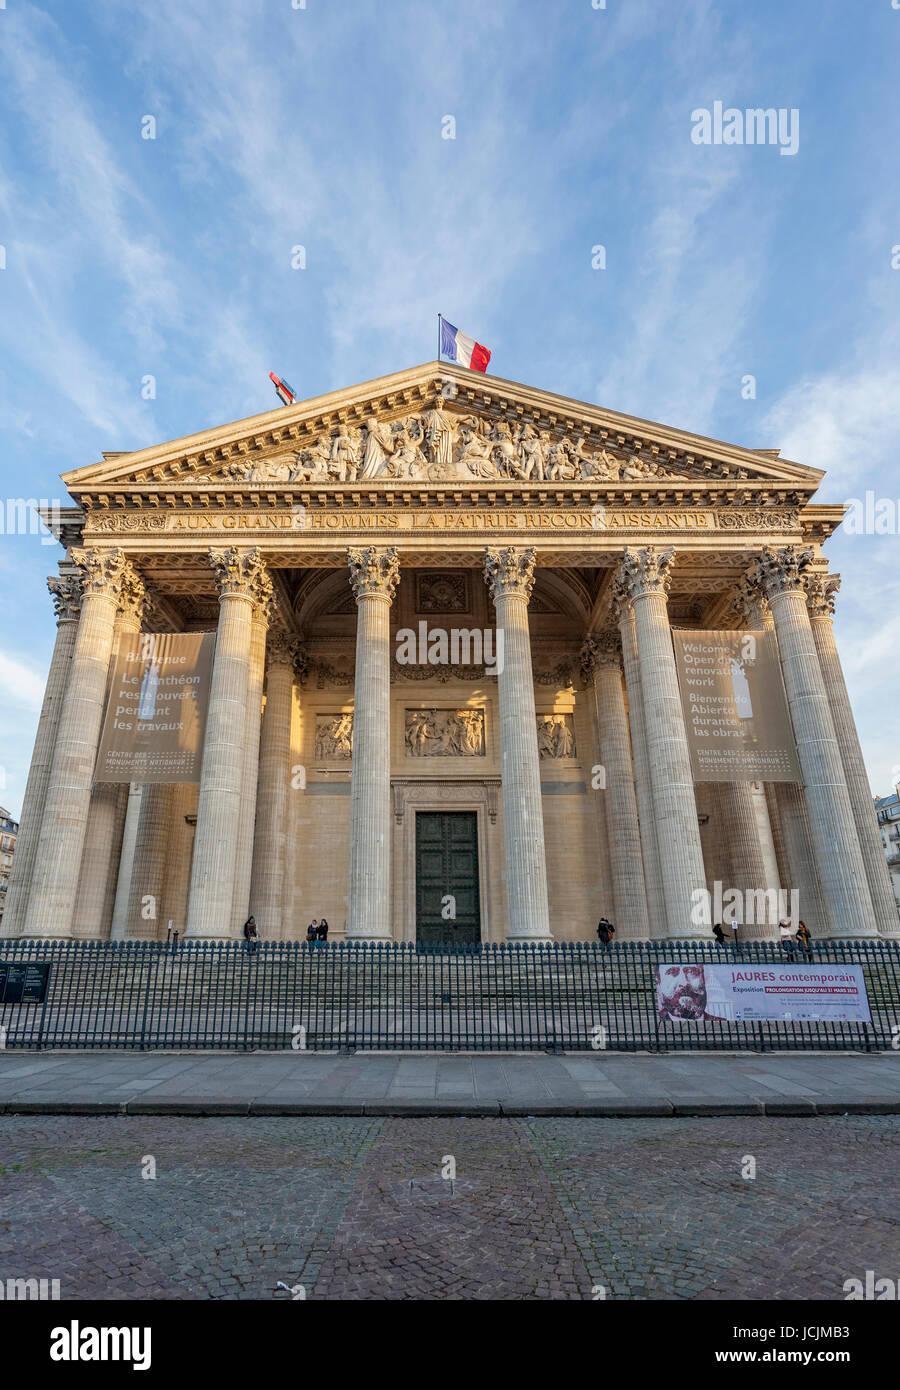 Pantheon, Rue Soufflot, Sorbonne, 5th Arrondissement, Latin Quarter, Paris, France,, Europe - Stock Image